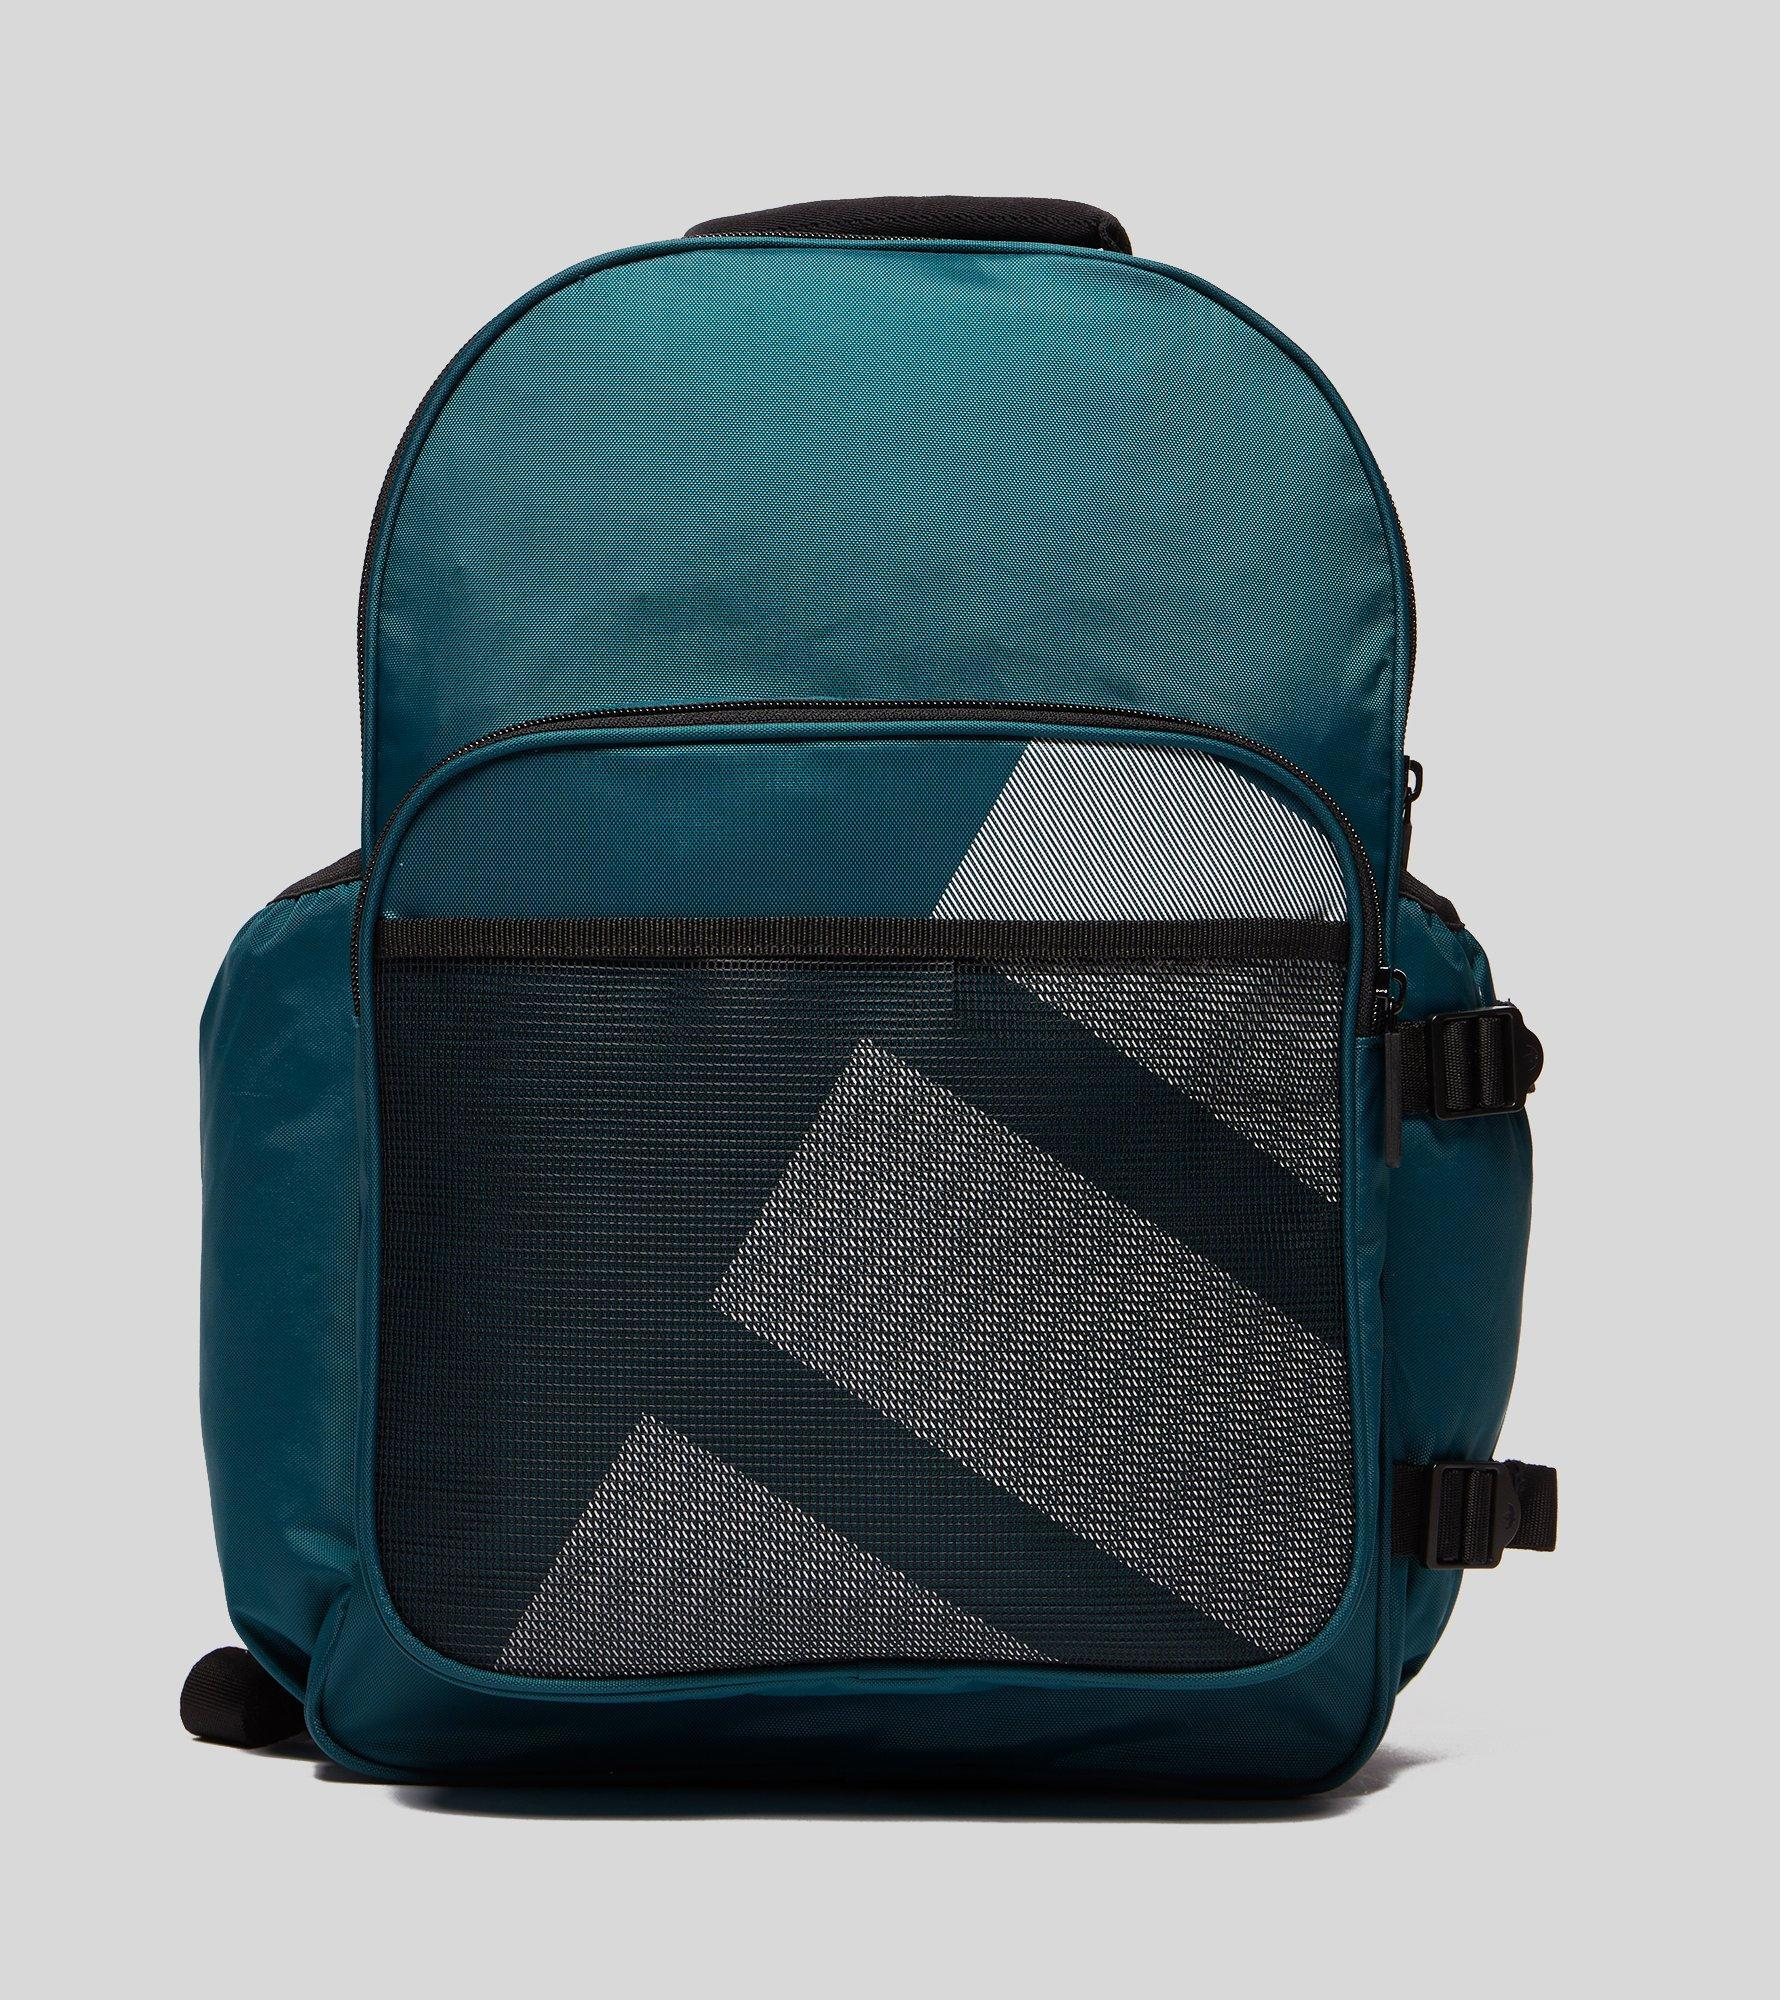 d4be53eba9 adidas Originals Eqt Classic Backpack in Green for Men - Lyst